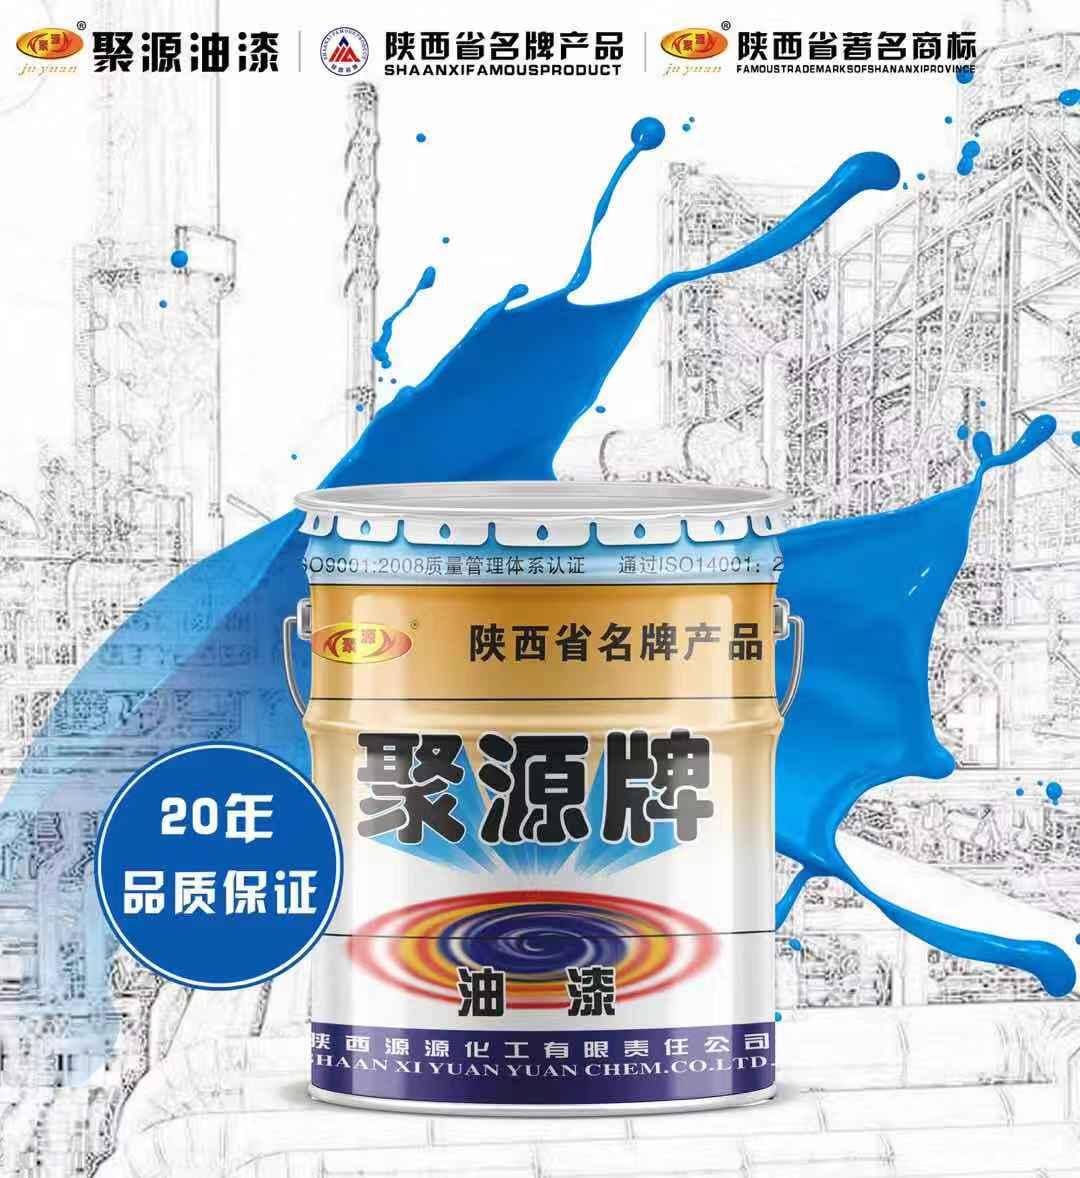 陕西醇酸调合漆-C04-2醇酸磁漆